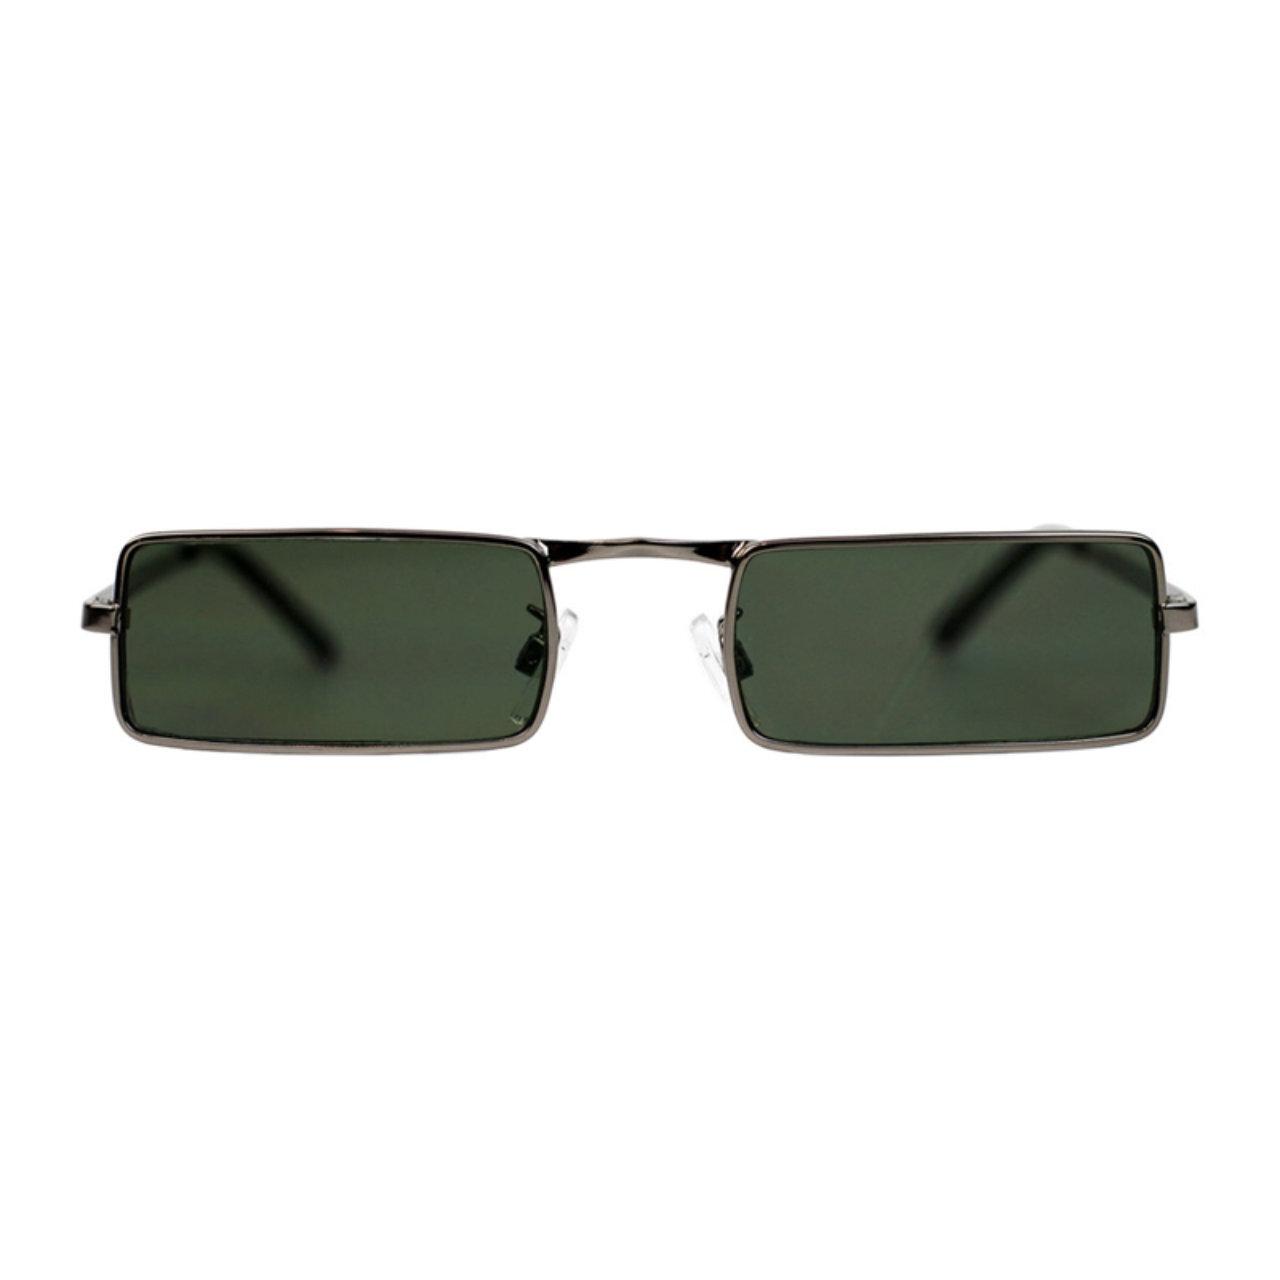 【MADCAP ENGLAND】 60sスタイル マッギン サングラス 〈Green〉